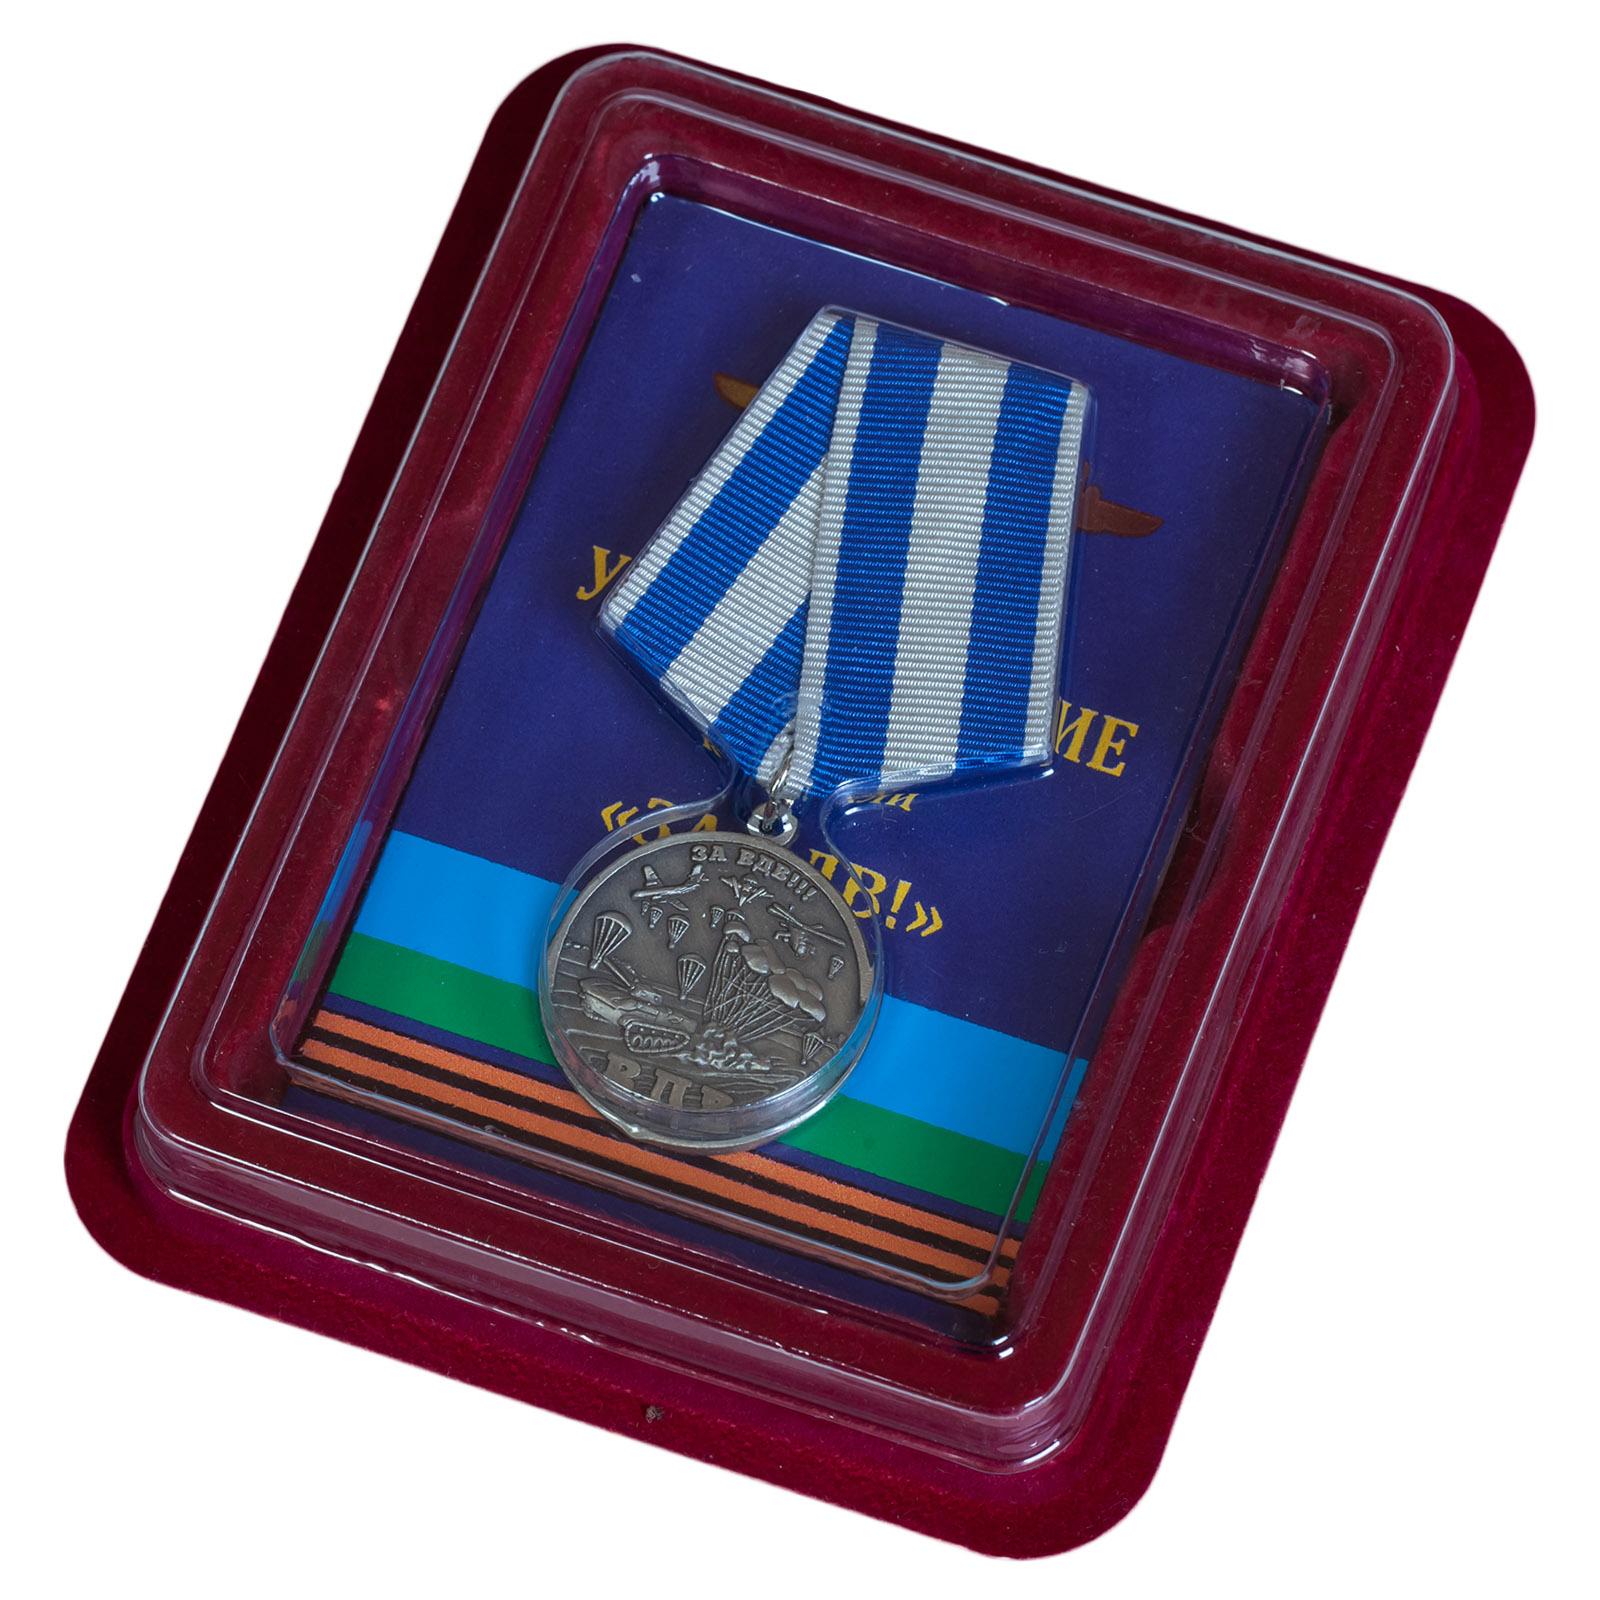 Памятная медаль За ВДВ! в бордовом футляре - в футляре